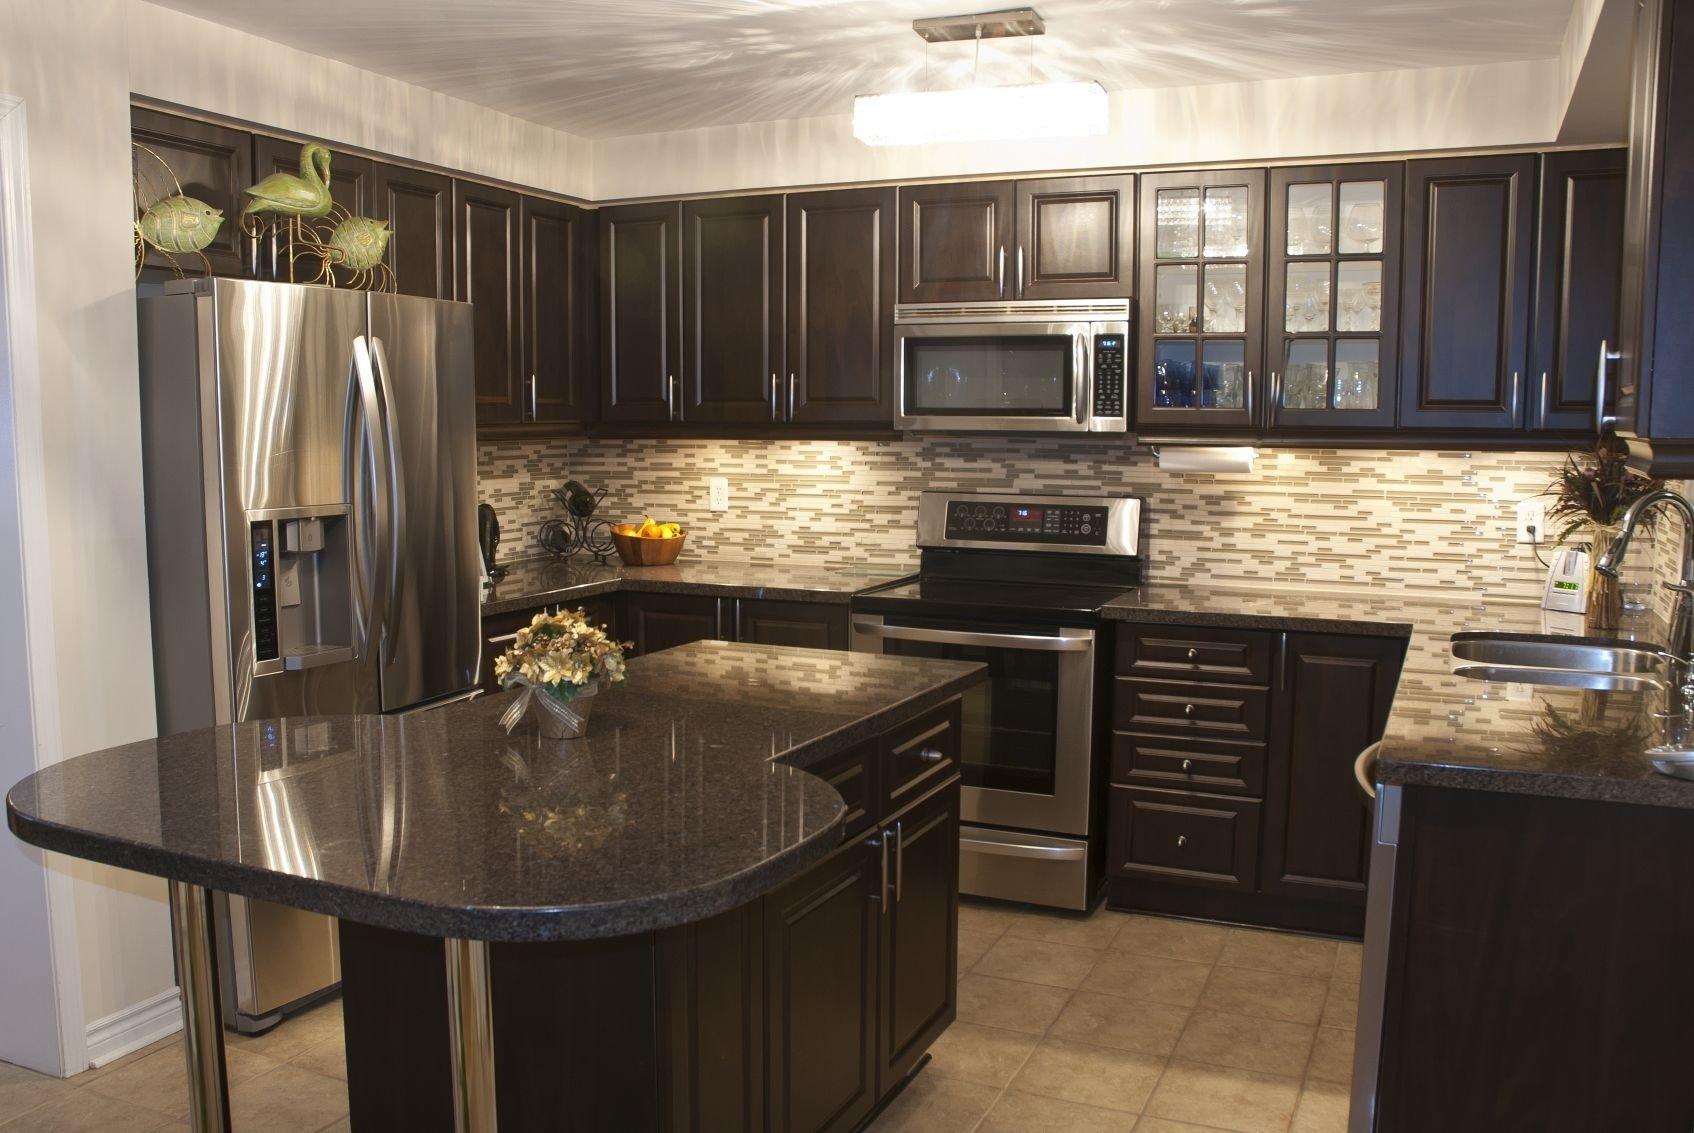 40 magnificent kitchen designs with dark cabinets | dark countertops